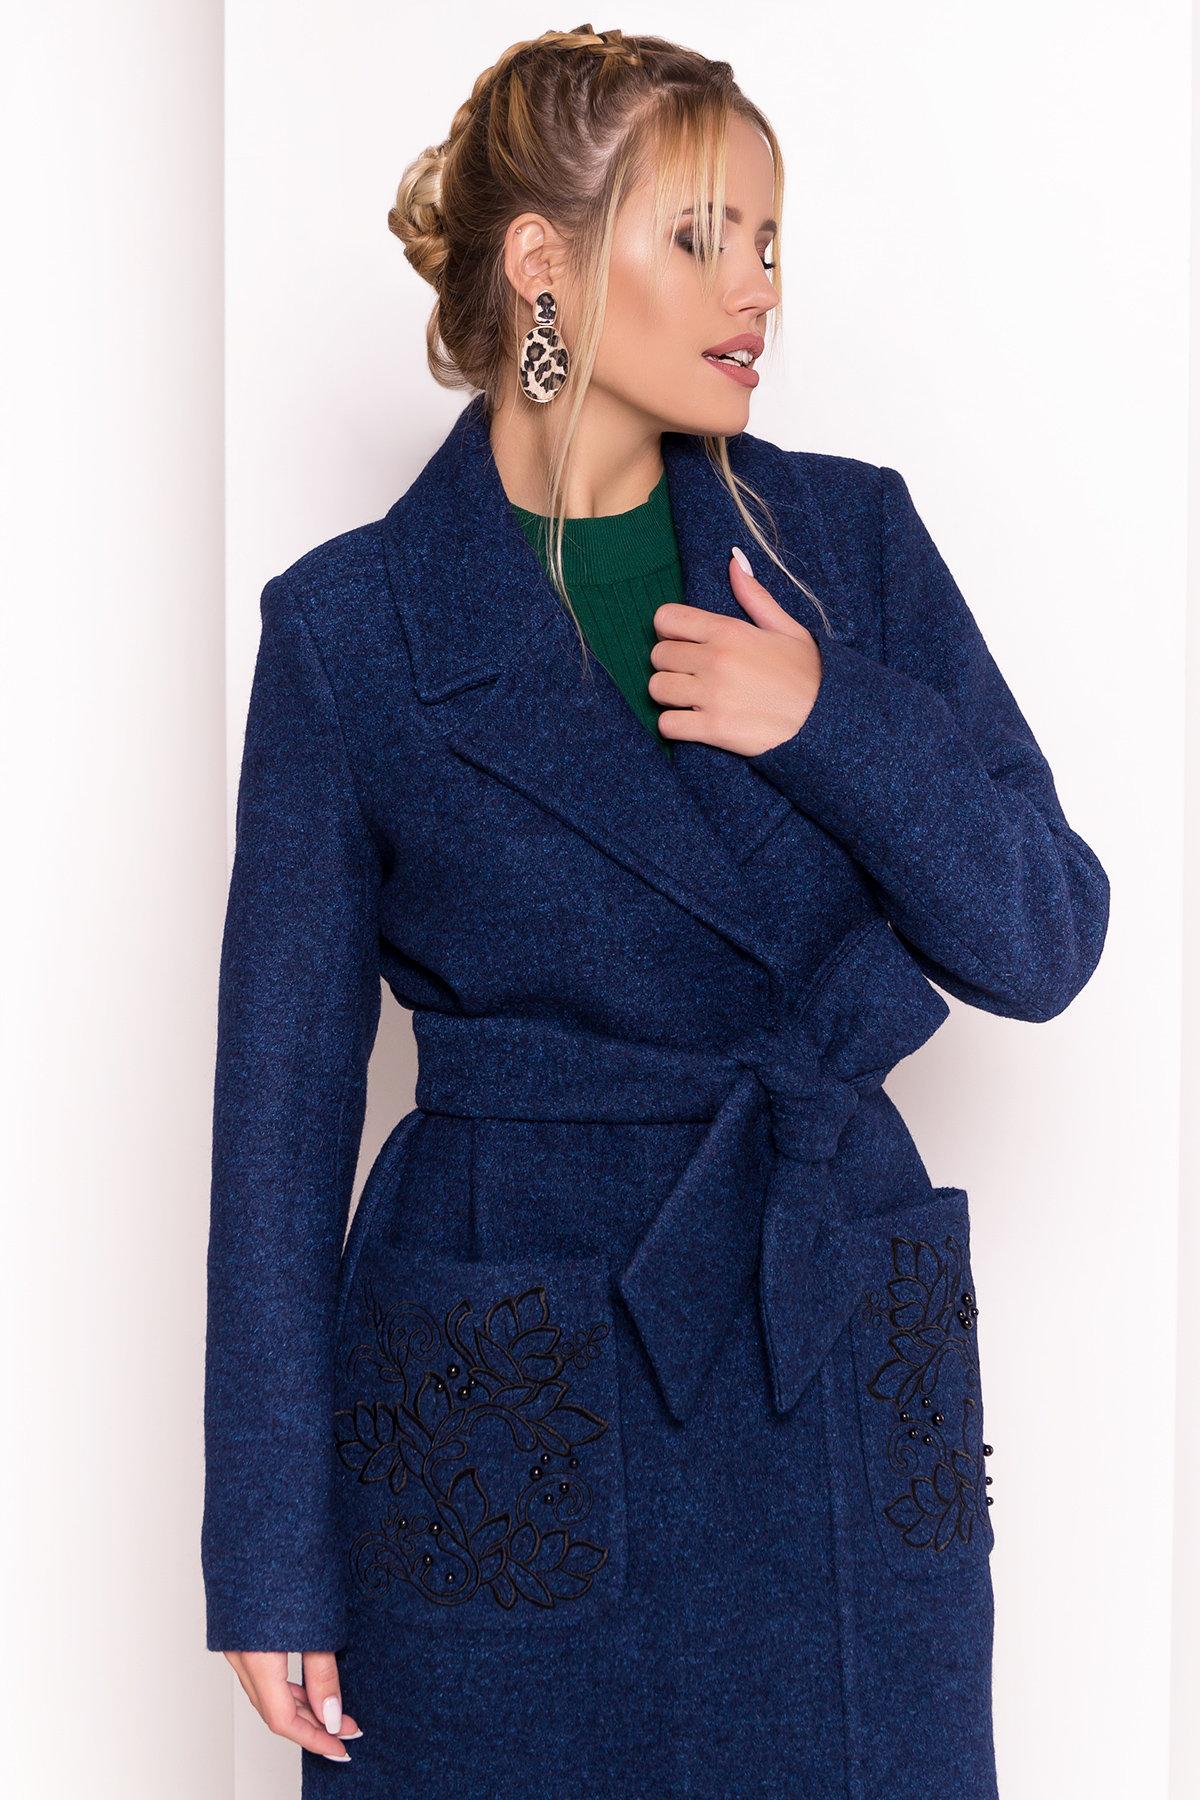 Демисезонное пальто из варенной шерсти Милена 5273 АРТ. 37590 Цвет: Т.синий/электрик-LW27 - фото 5, интернет магазин tm-modus.ru